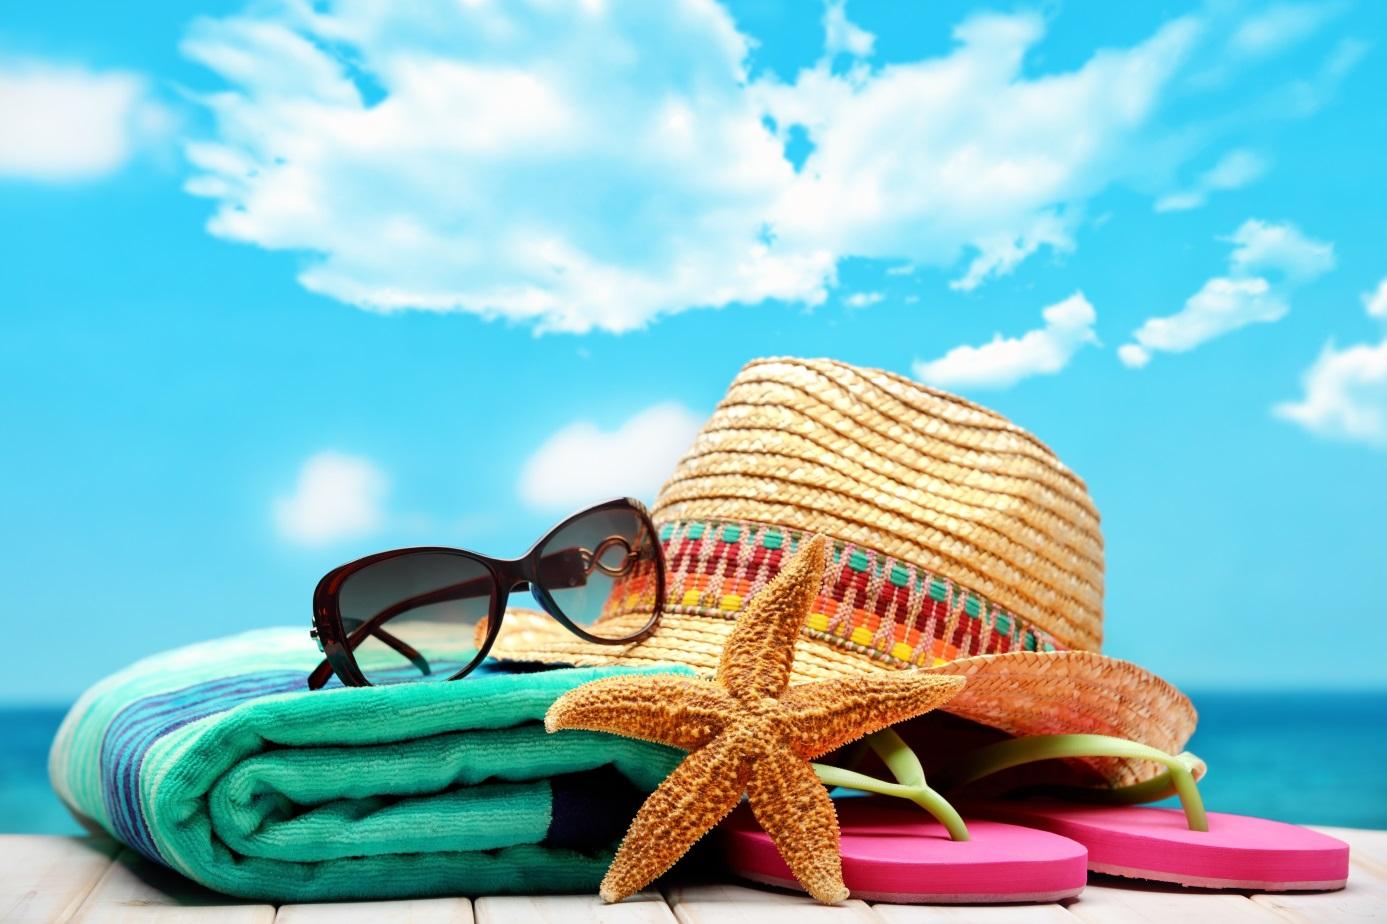 Partir en vacances en toute sérénité